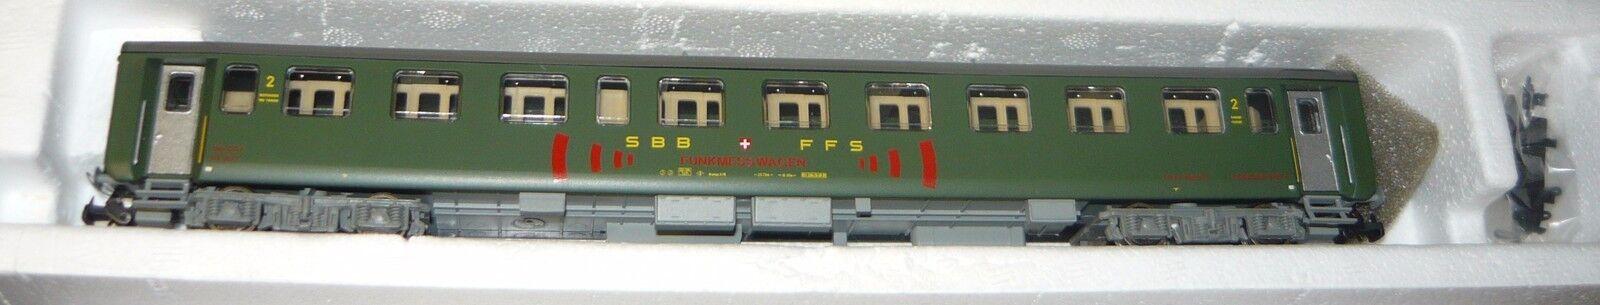 Sachsenmodelle 14454, Radio messwagen delle SBB epoca, 4, 4012274144548 h0, neu&ovp